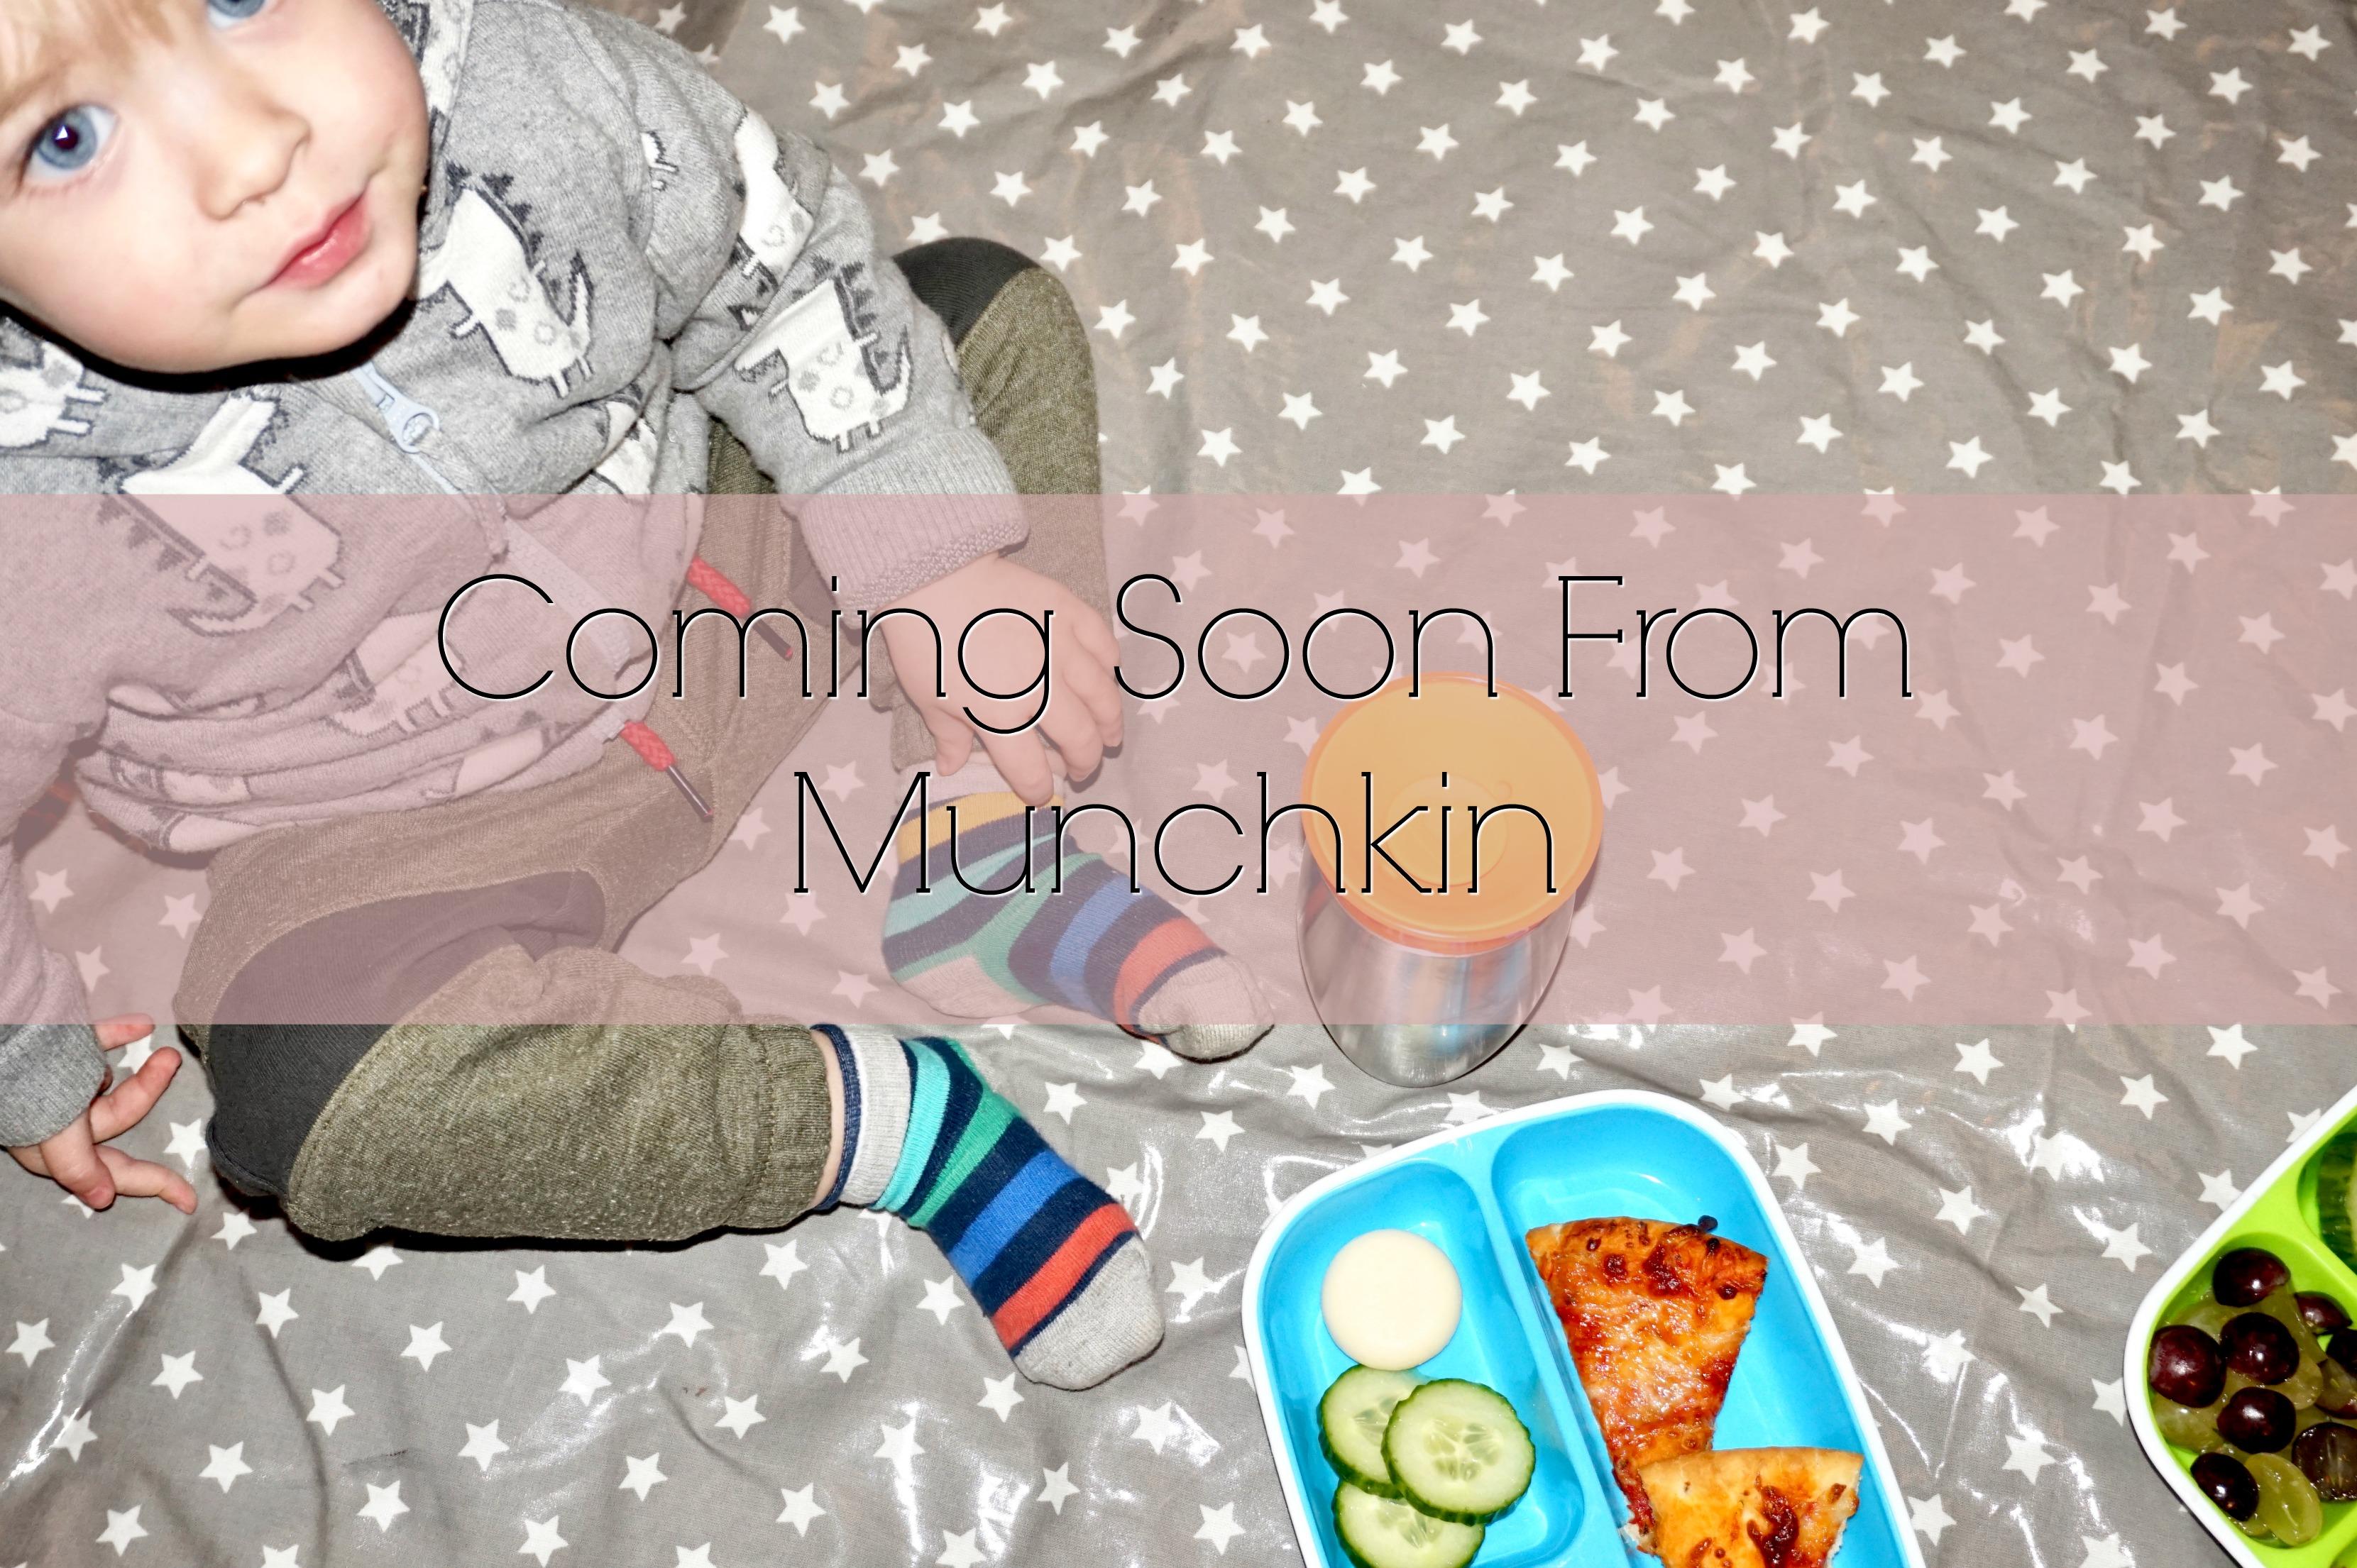 munchkin sneak peek title